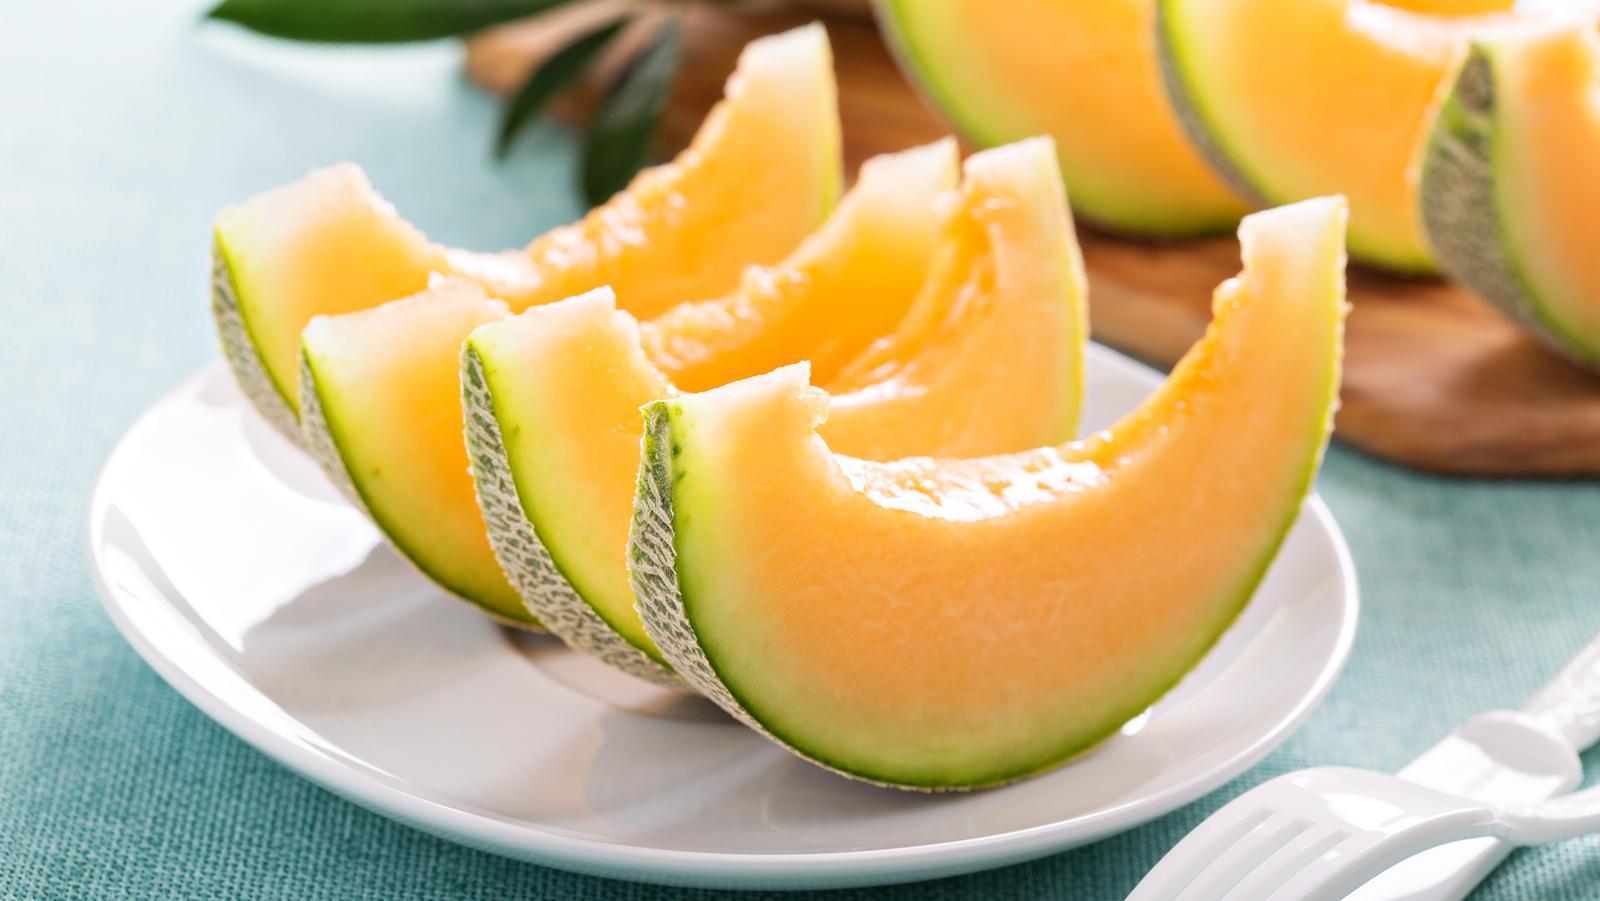 Wassermelone bei Diabetes: Das ist gut zu wissen | diabetes.moglebaum.com